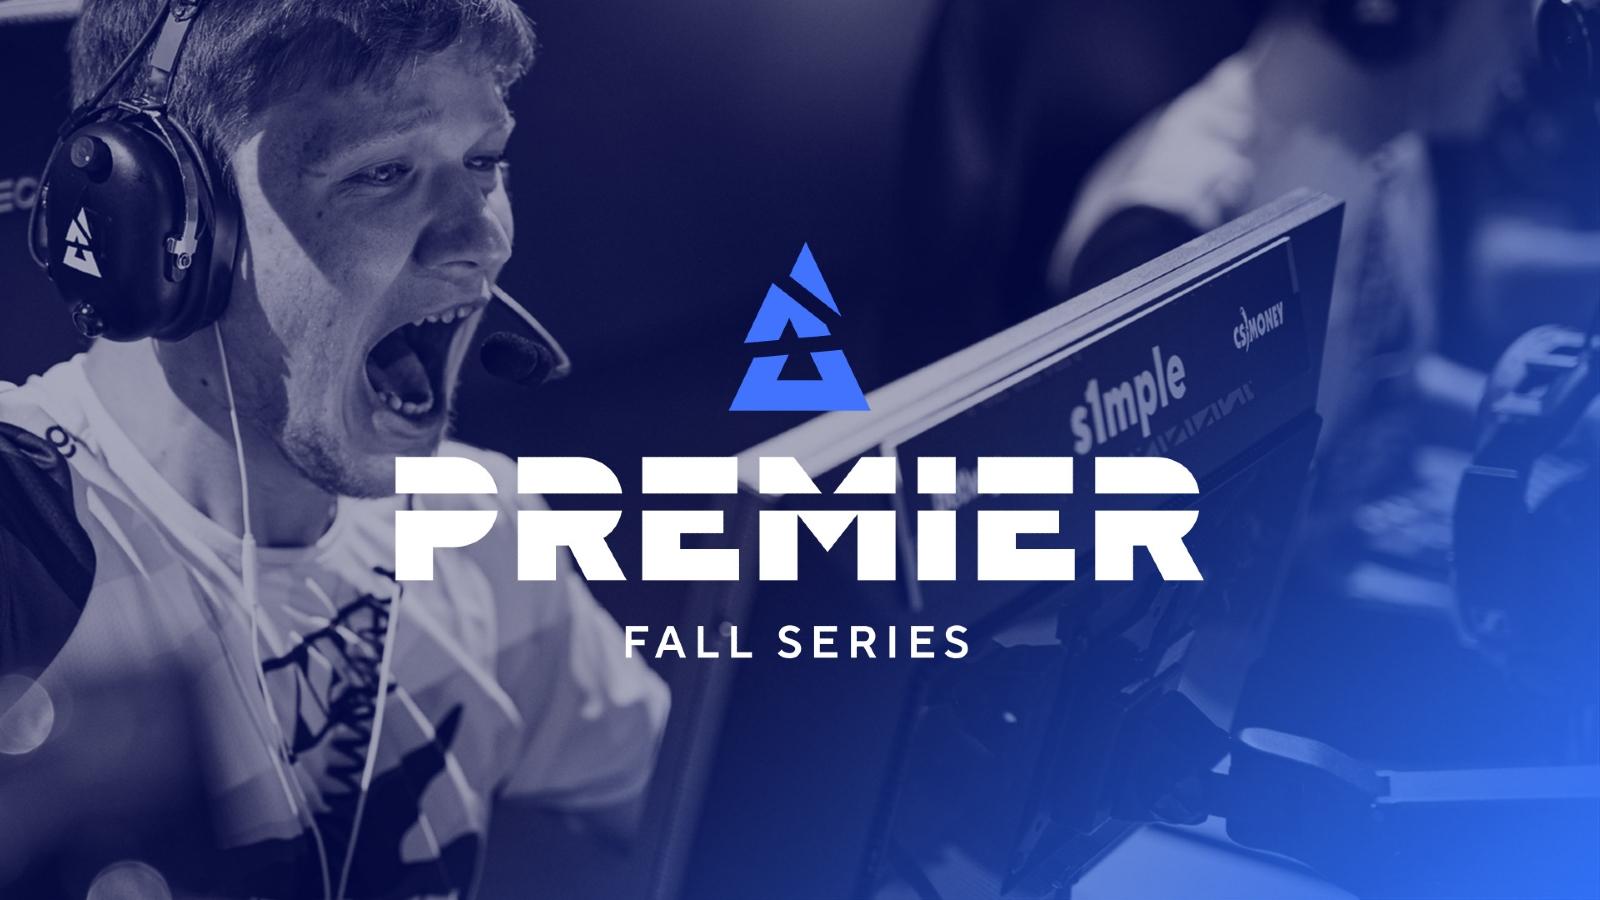 BLAST Premier Fall Series Finals s1mple